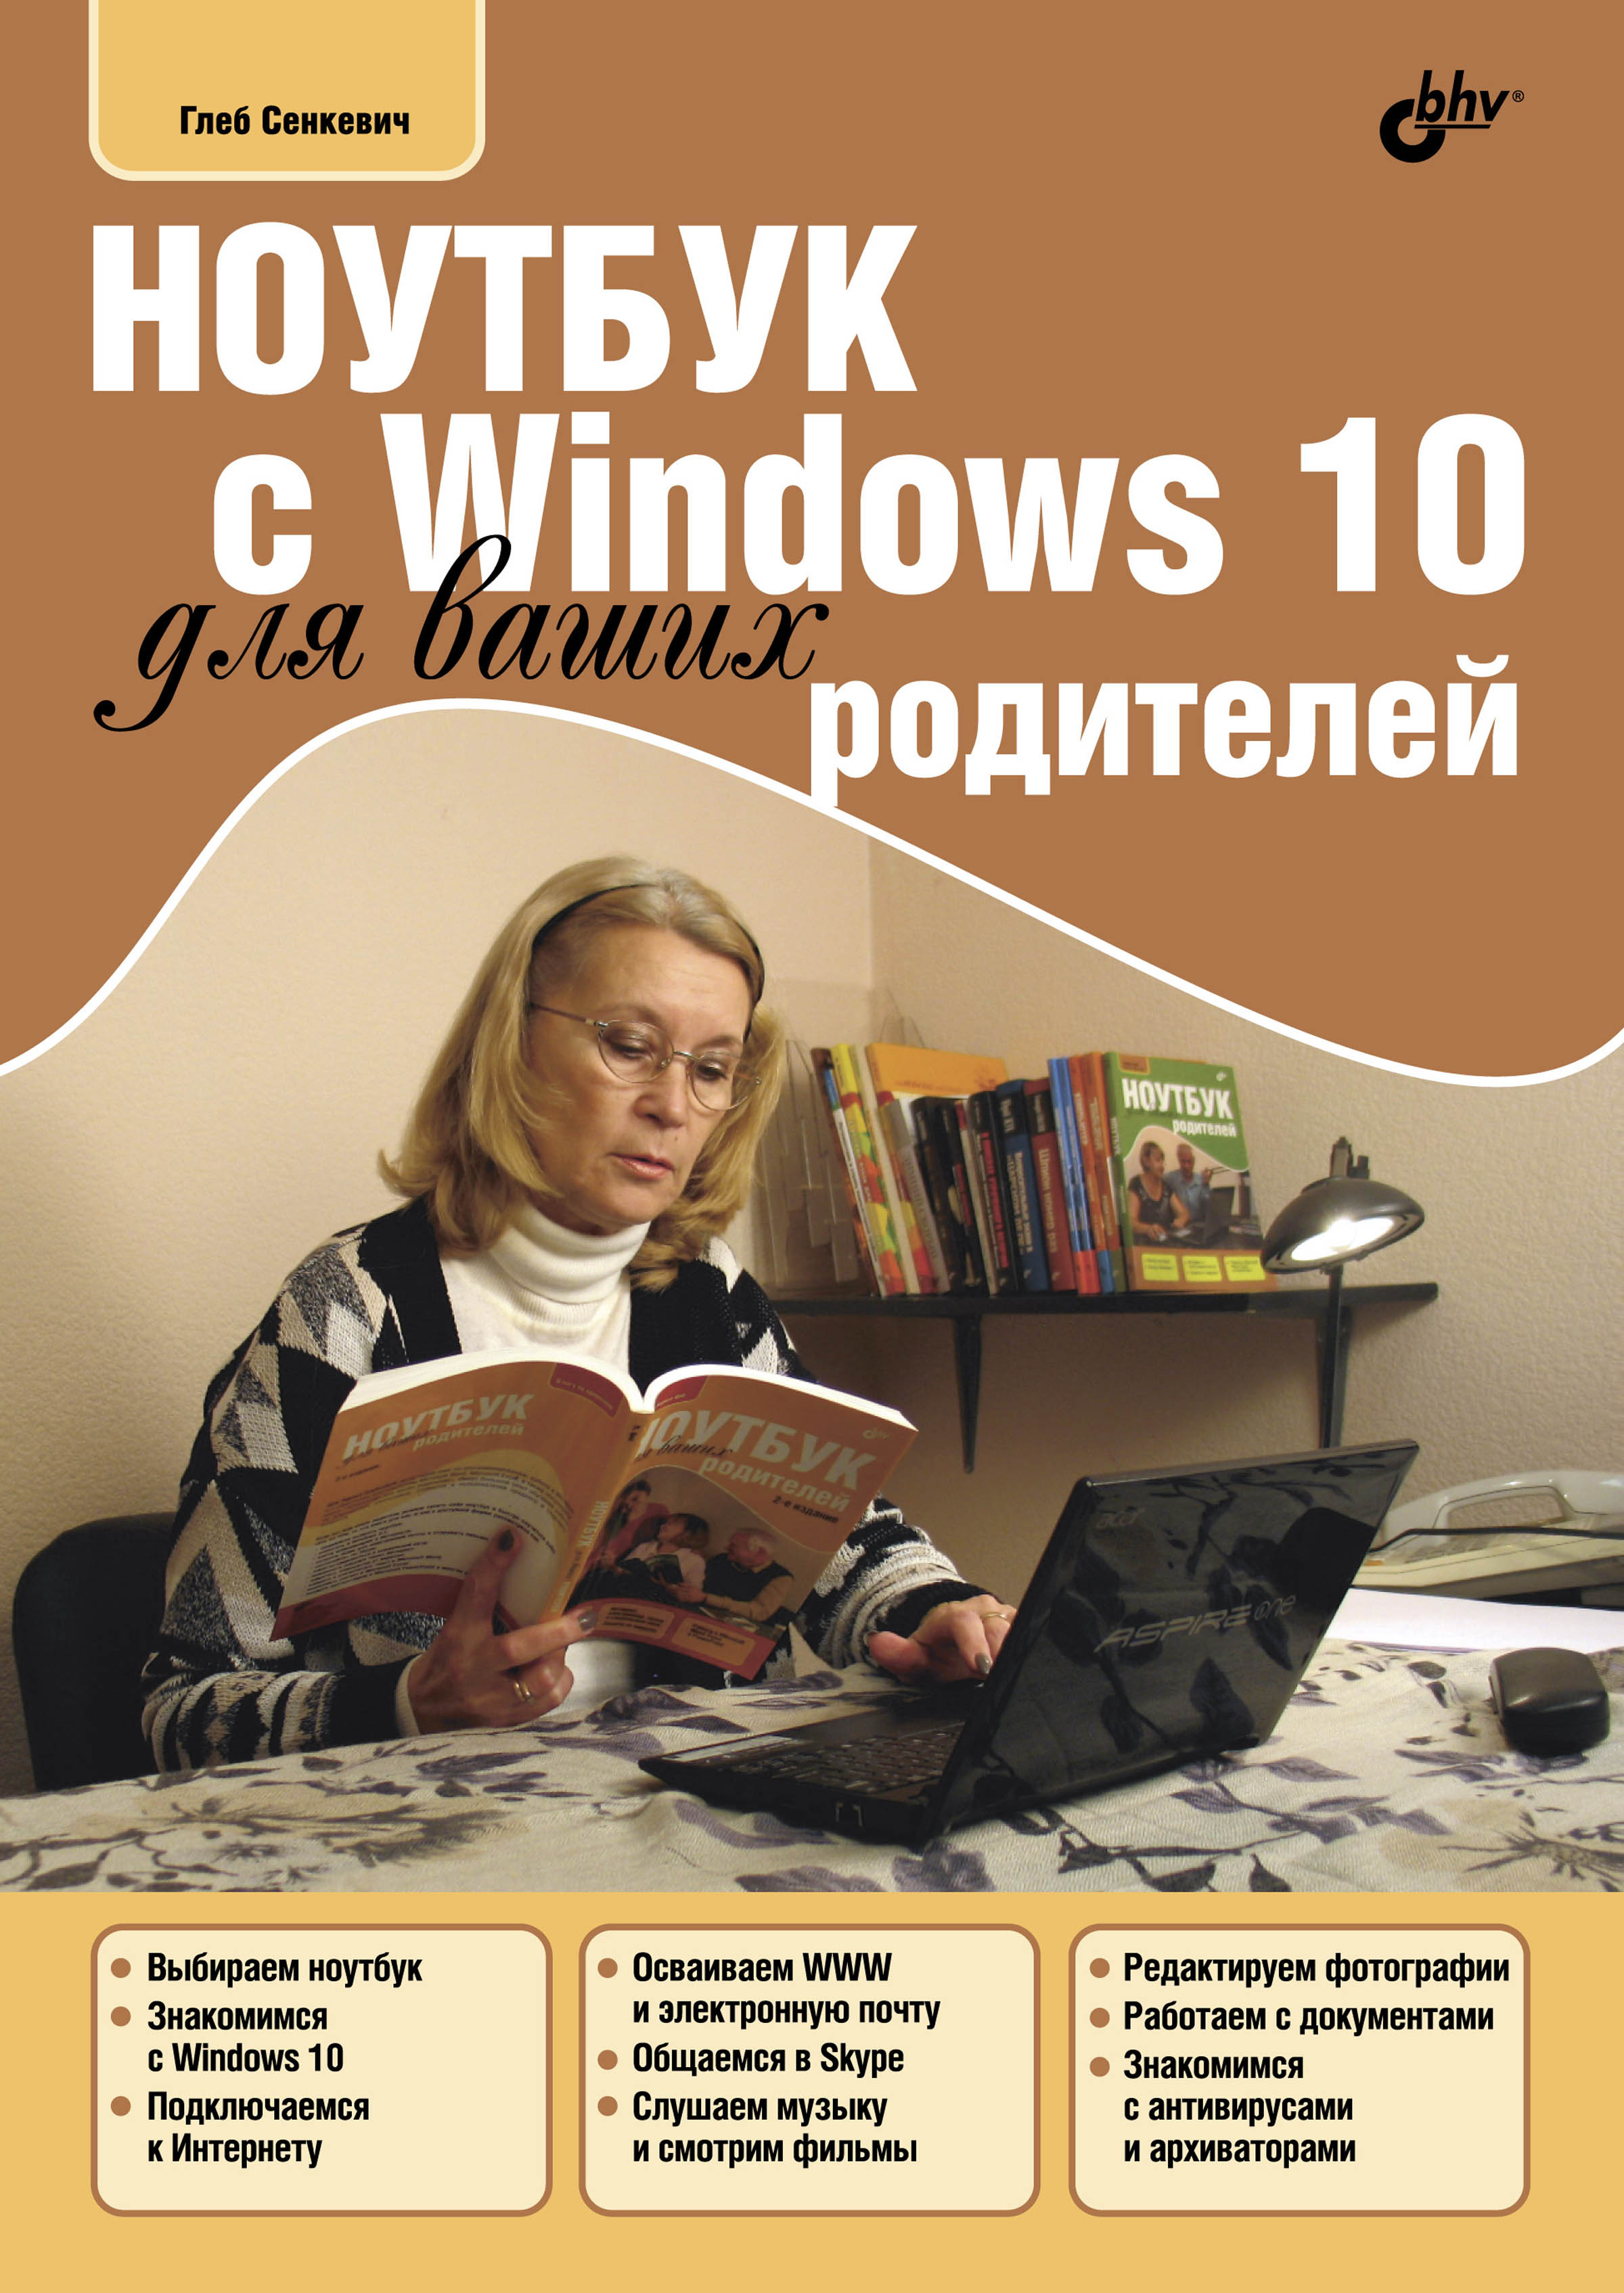 Г. Е. Сенкевич Ноутбук с Windows 10 для ваших родителей ноутбук уходит в спящий режим сам windows 10